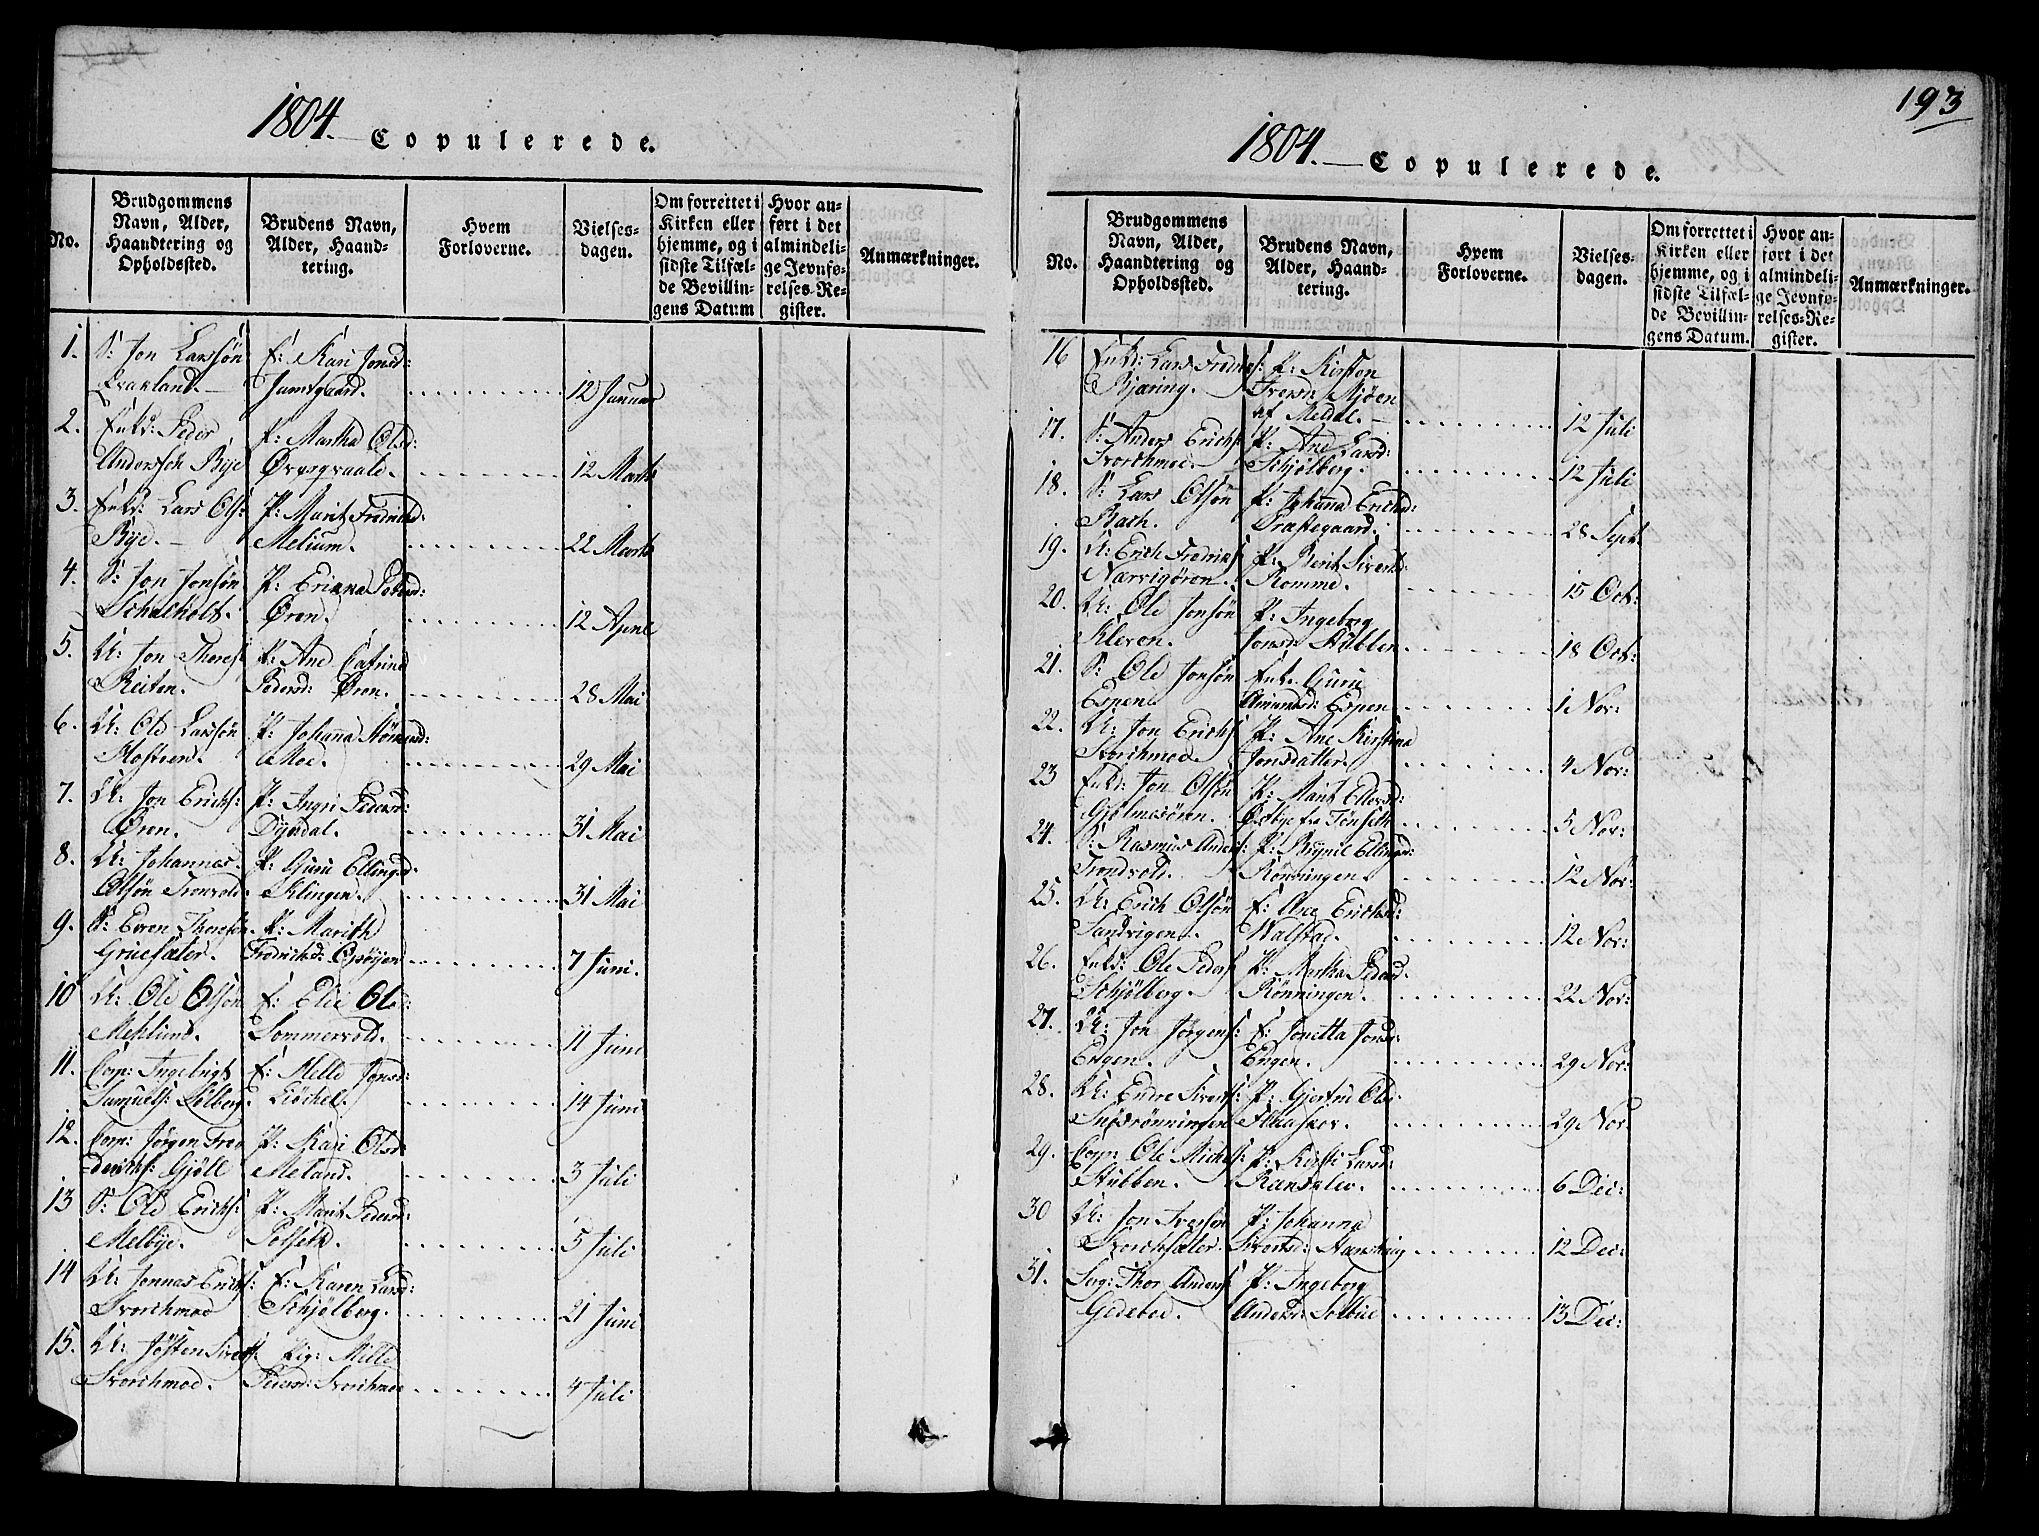 SAT, Ministerialprotokoller, klokkerbøker og fødselsregistre - Sør-Trøndelag, 668/L0803: Ministerialbok nr. 668A03, 1800-1826, s. 193